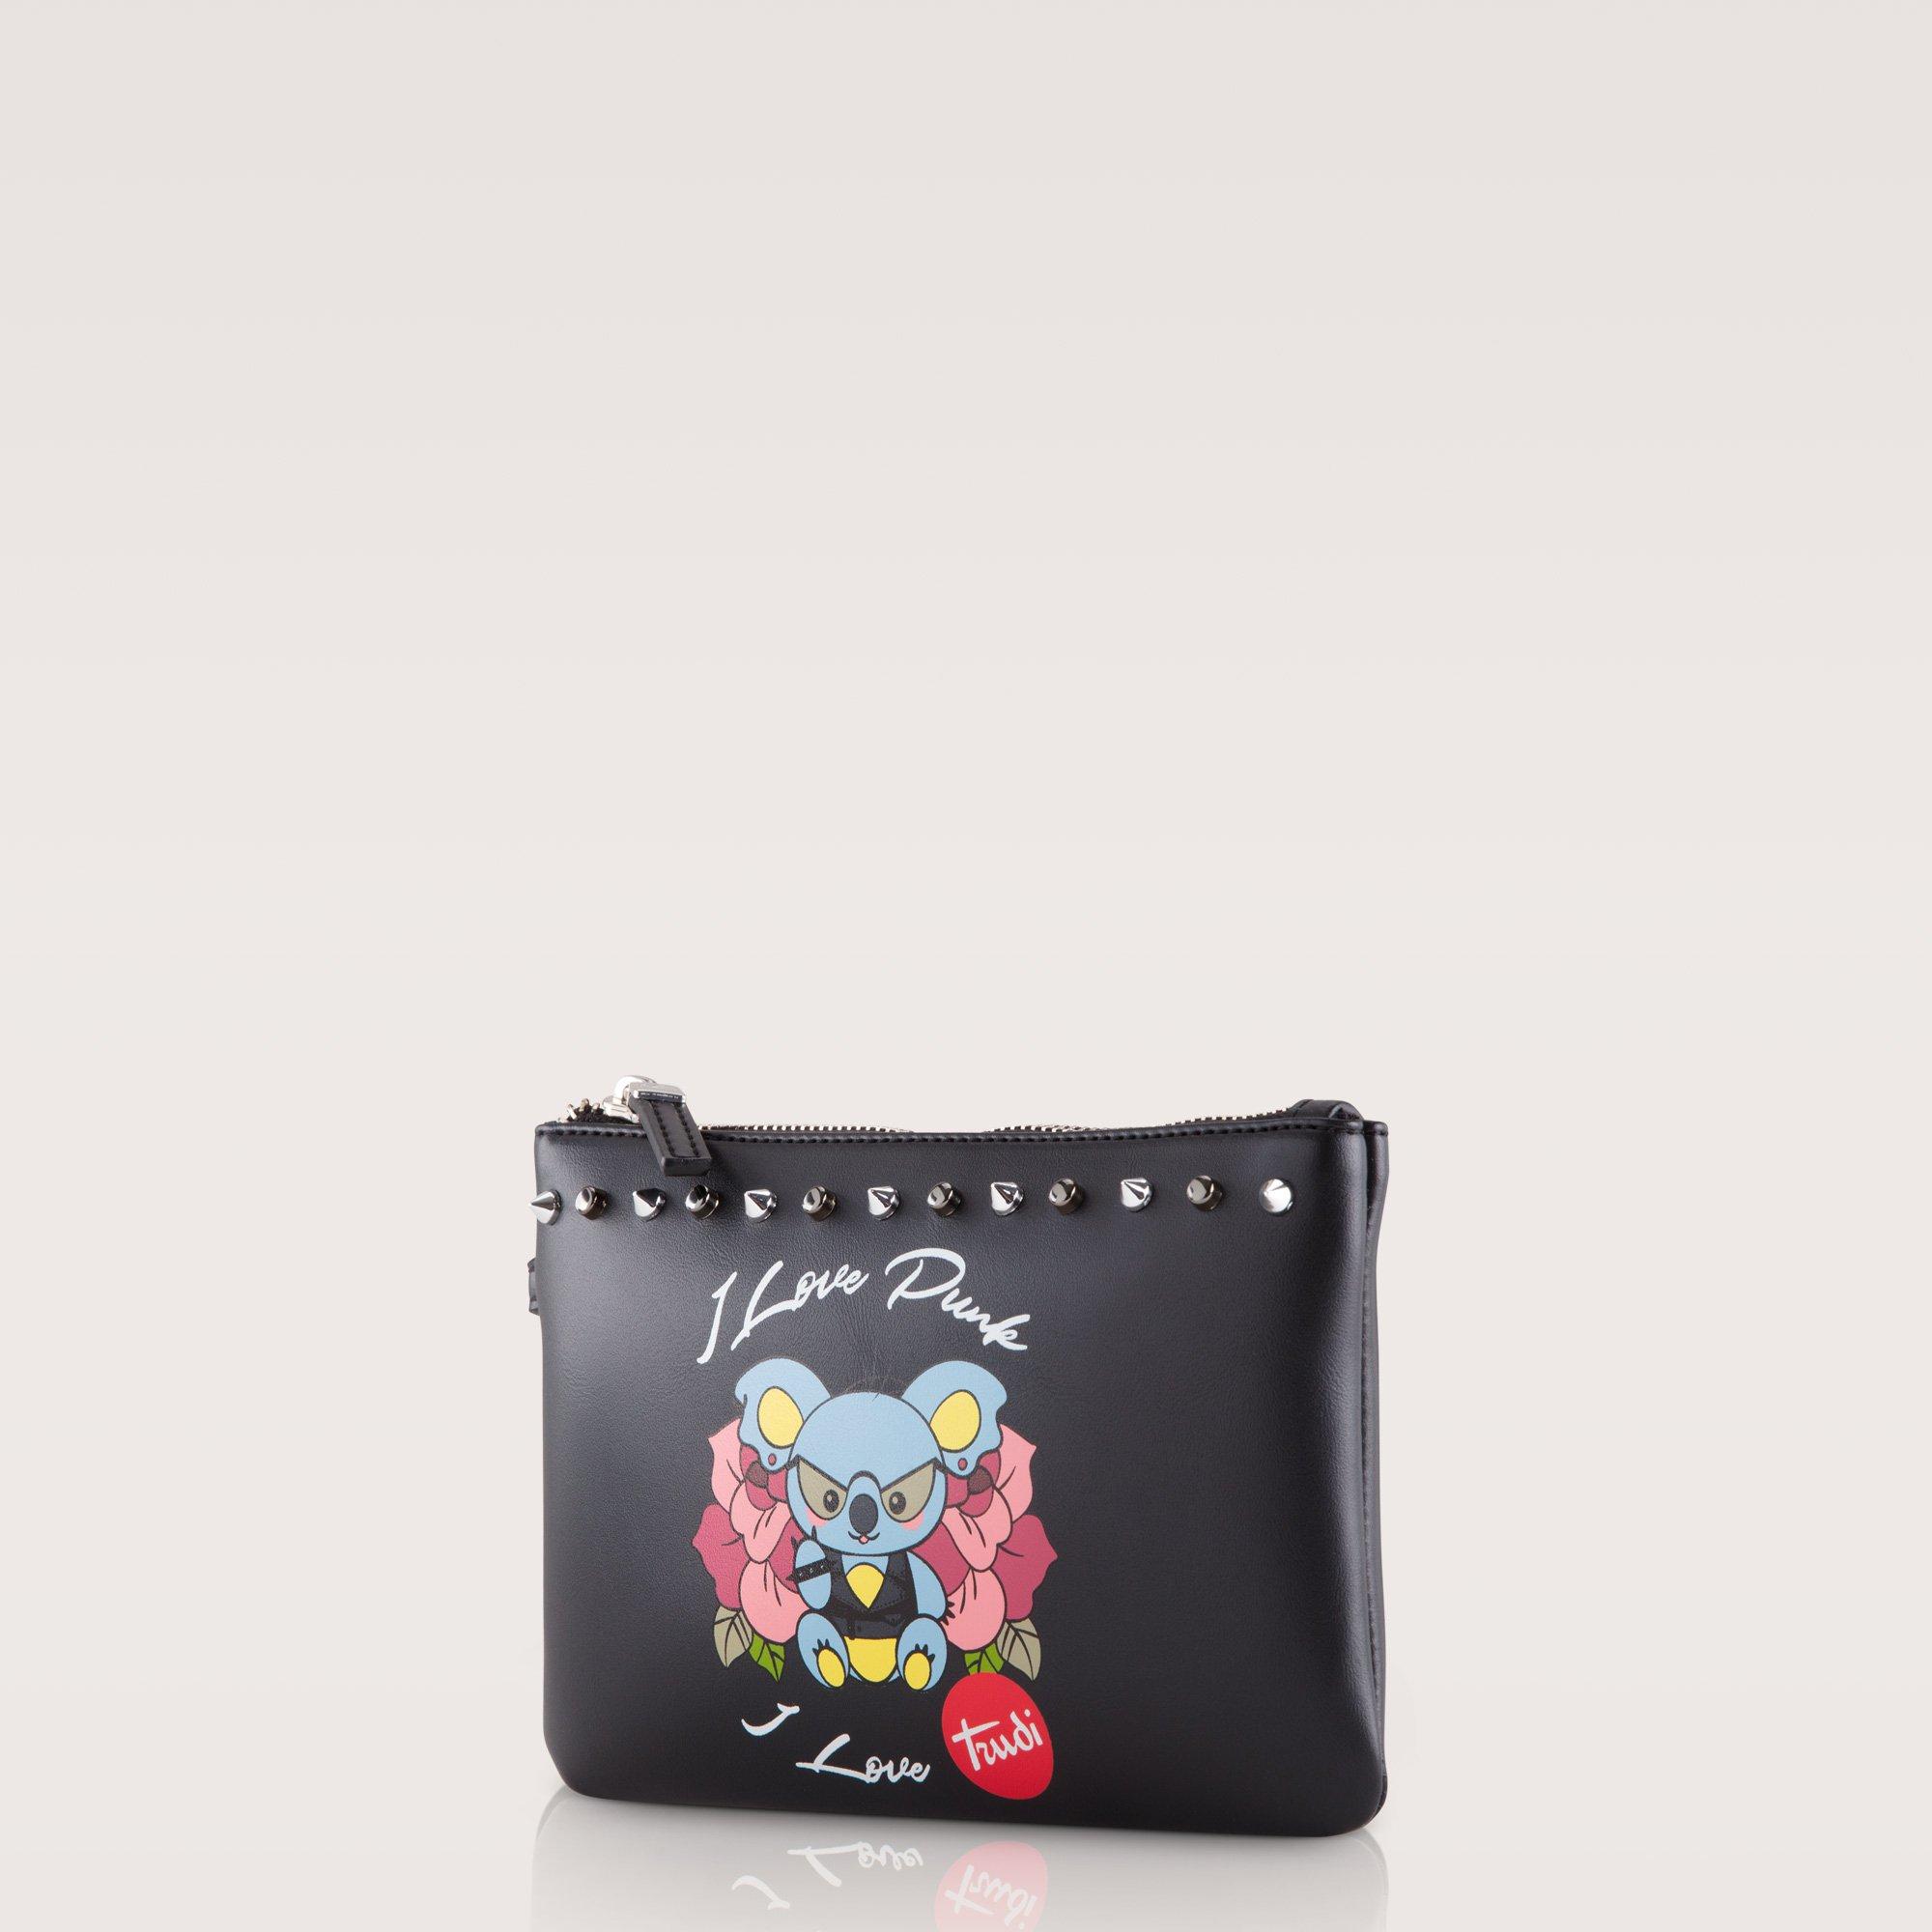 Pochette con borchie Carpisa a 10,95 euro